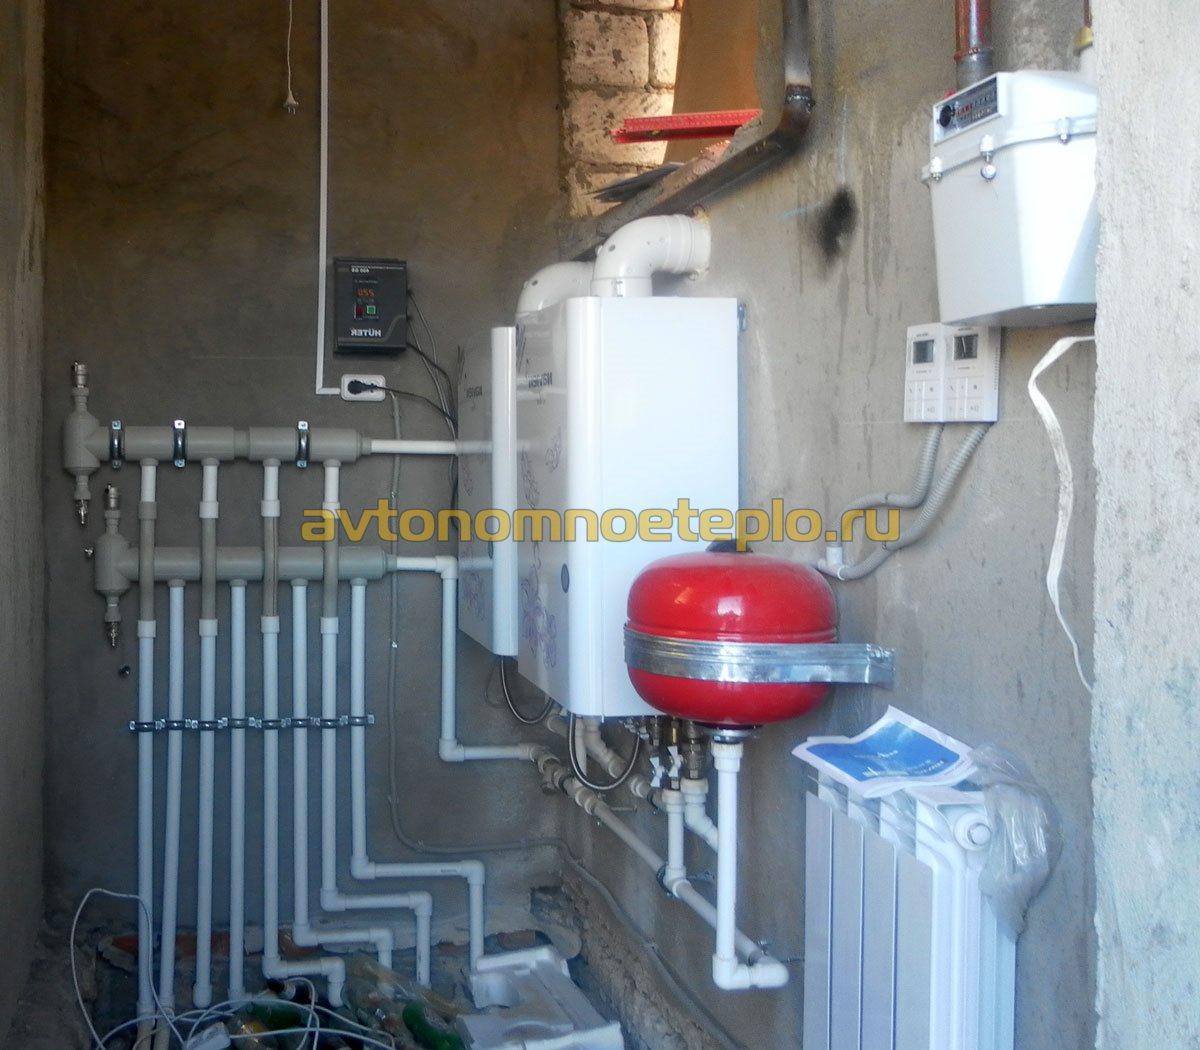 схема обвязки тт котла электрокотла отопления